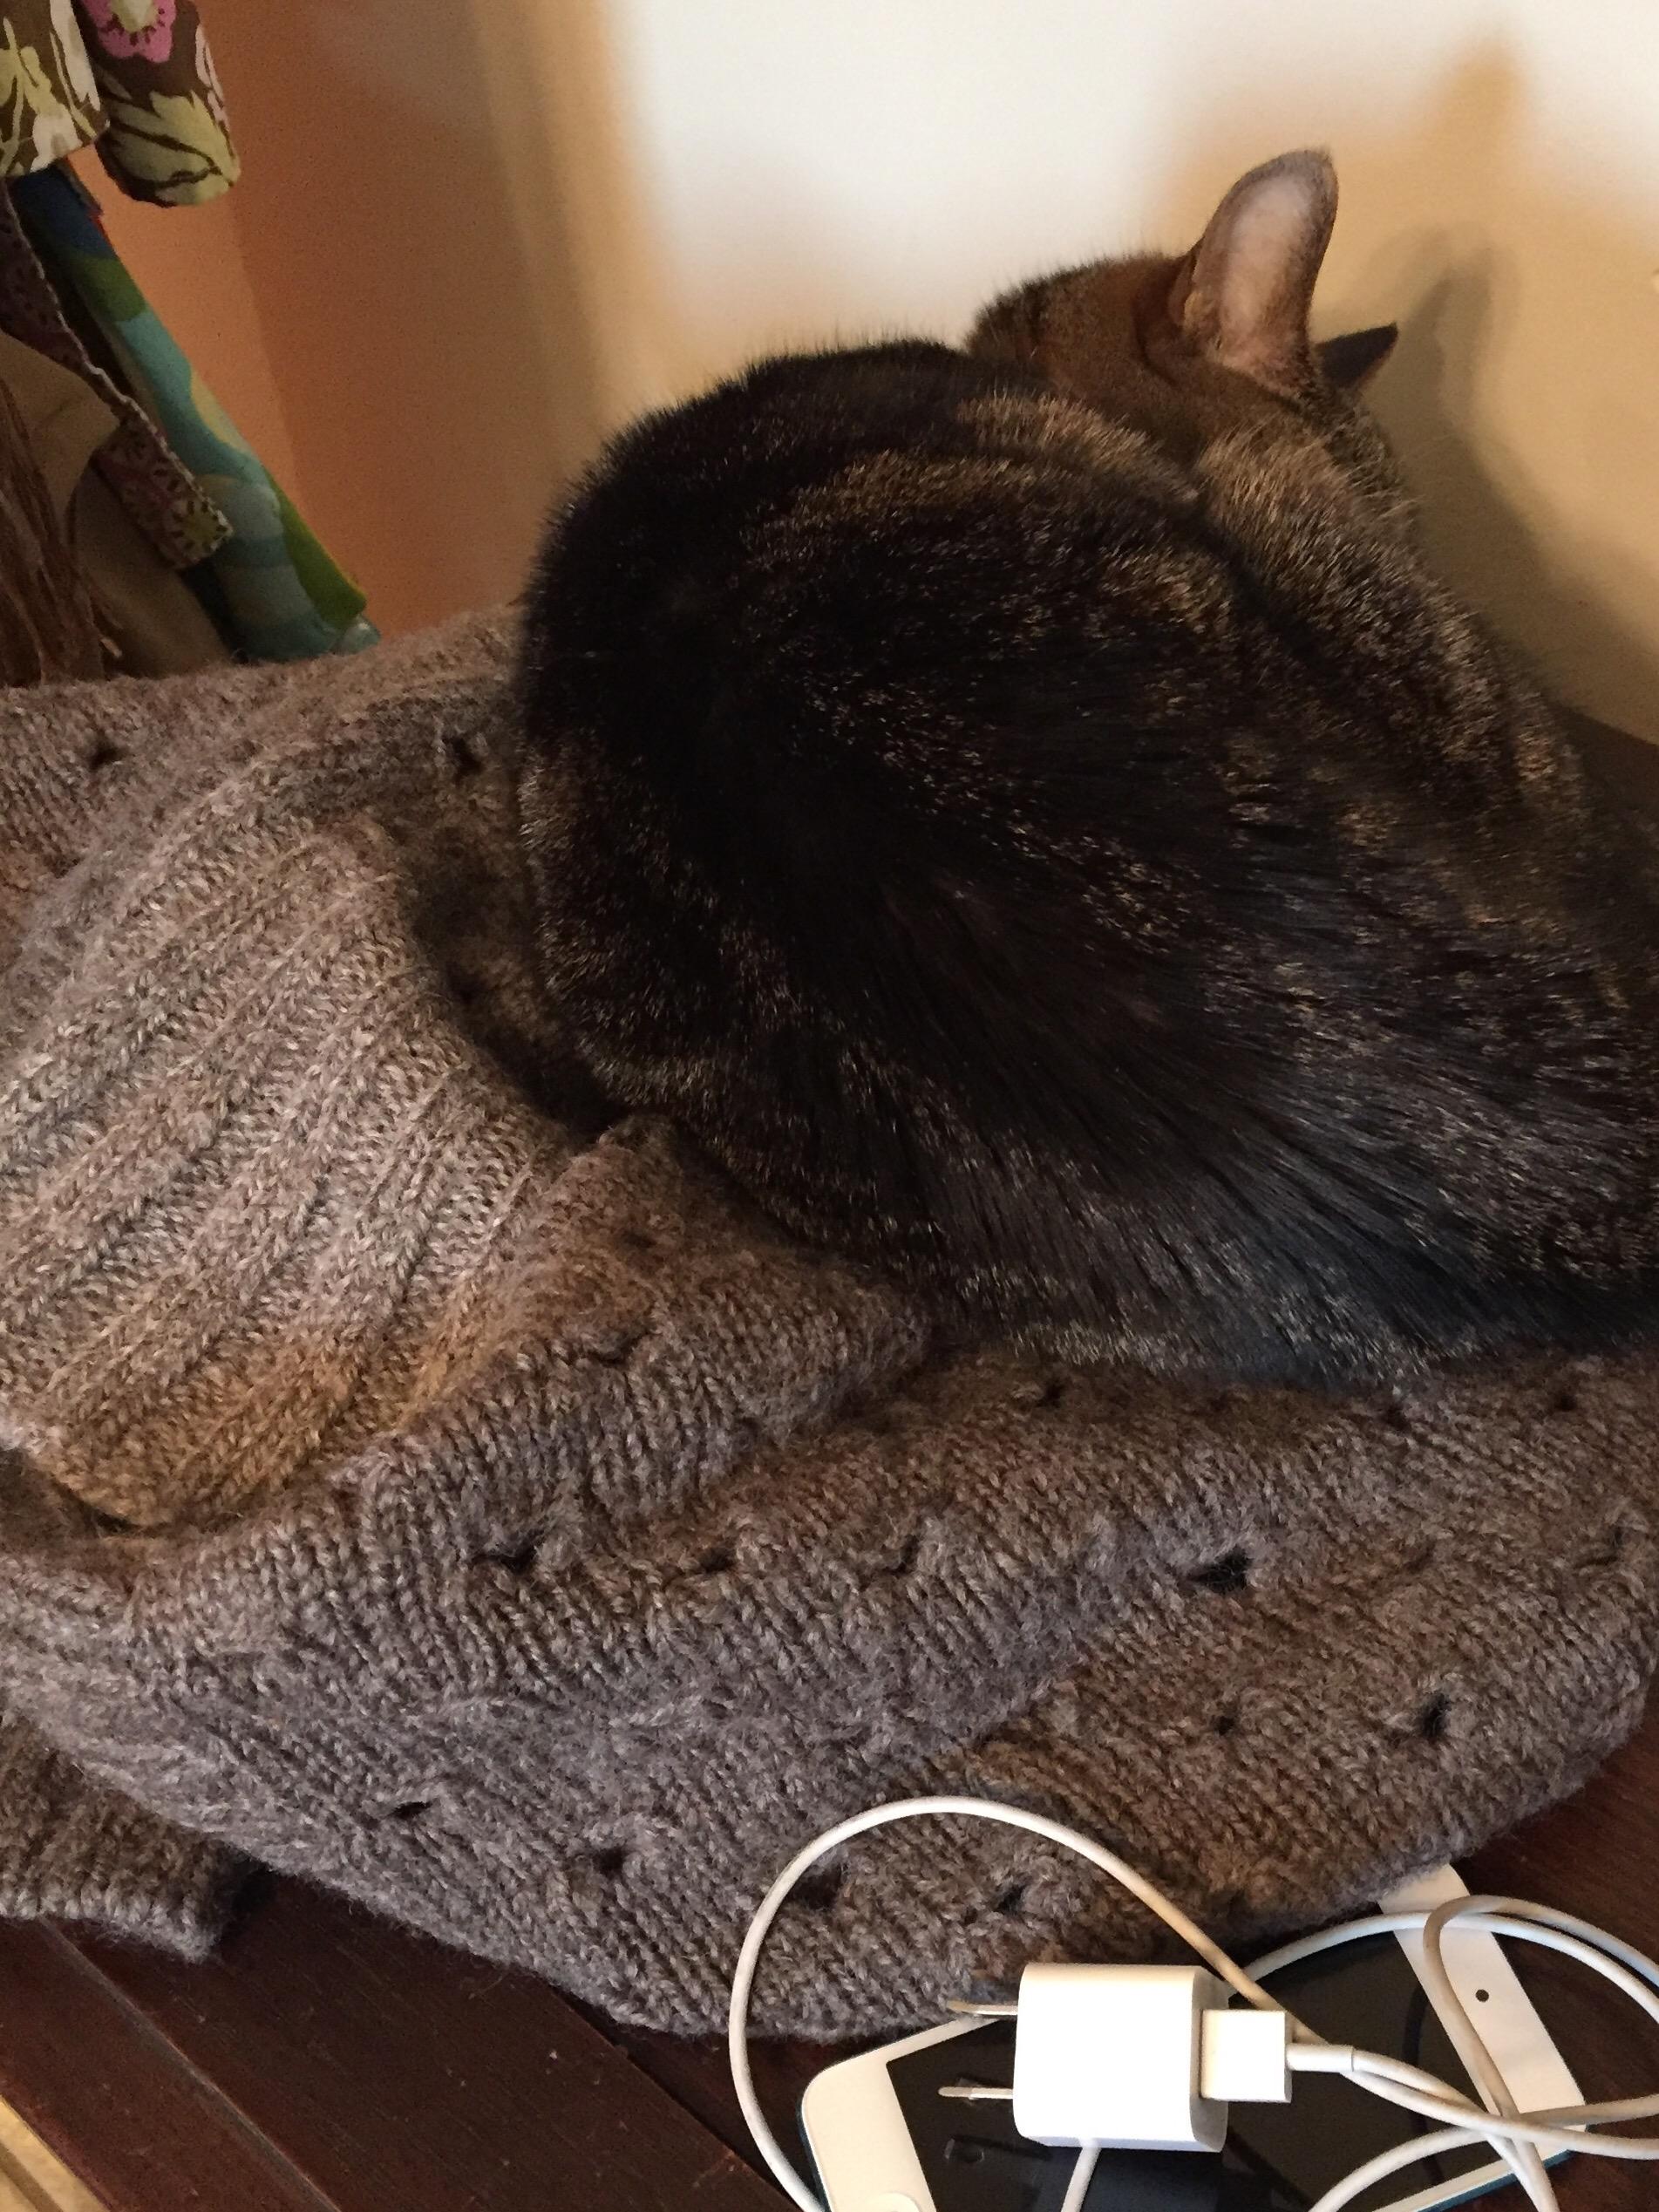 Tabby cat asleep on a handknit sweater